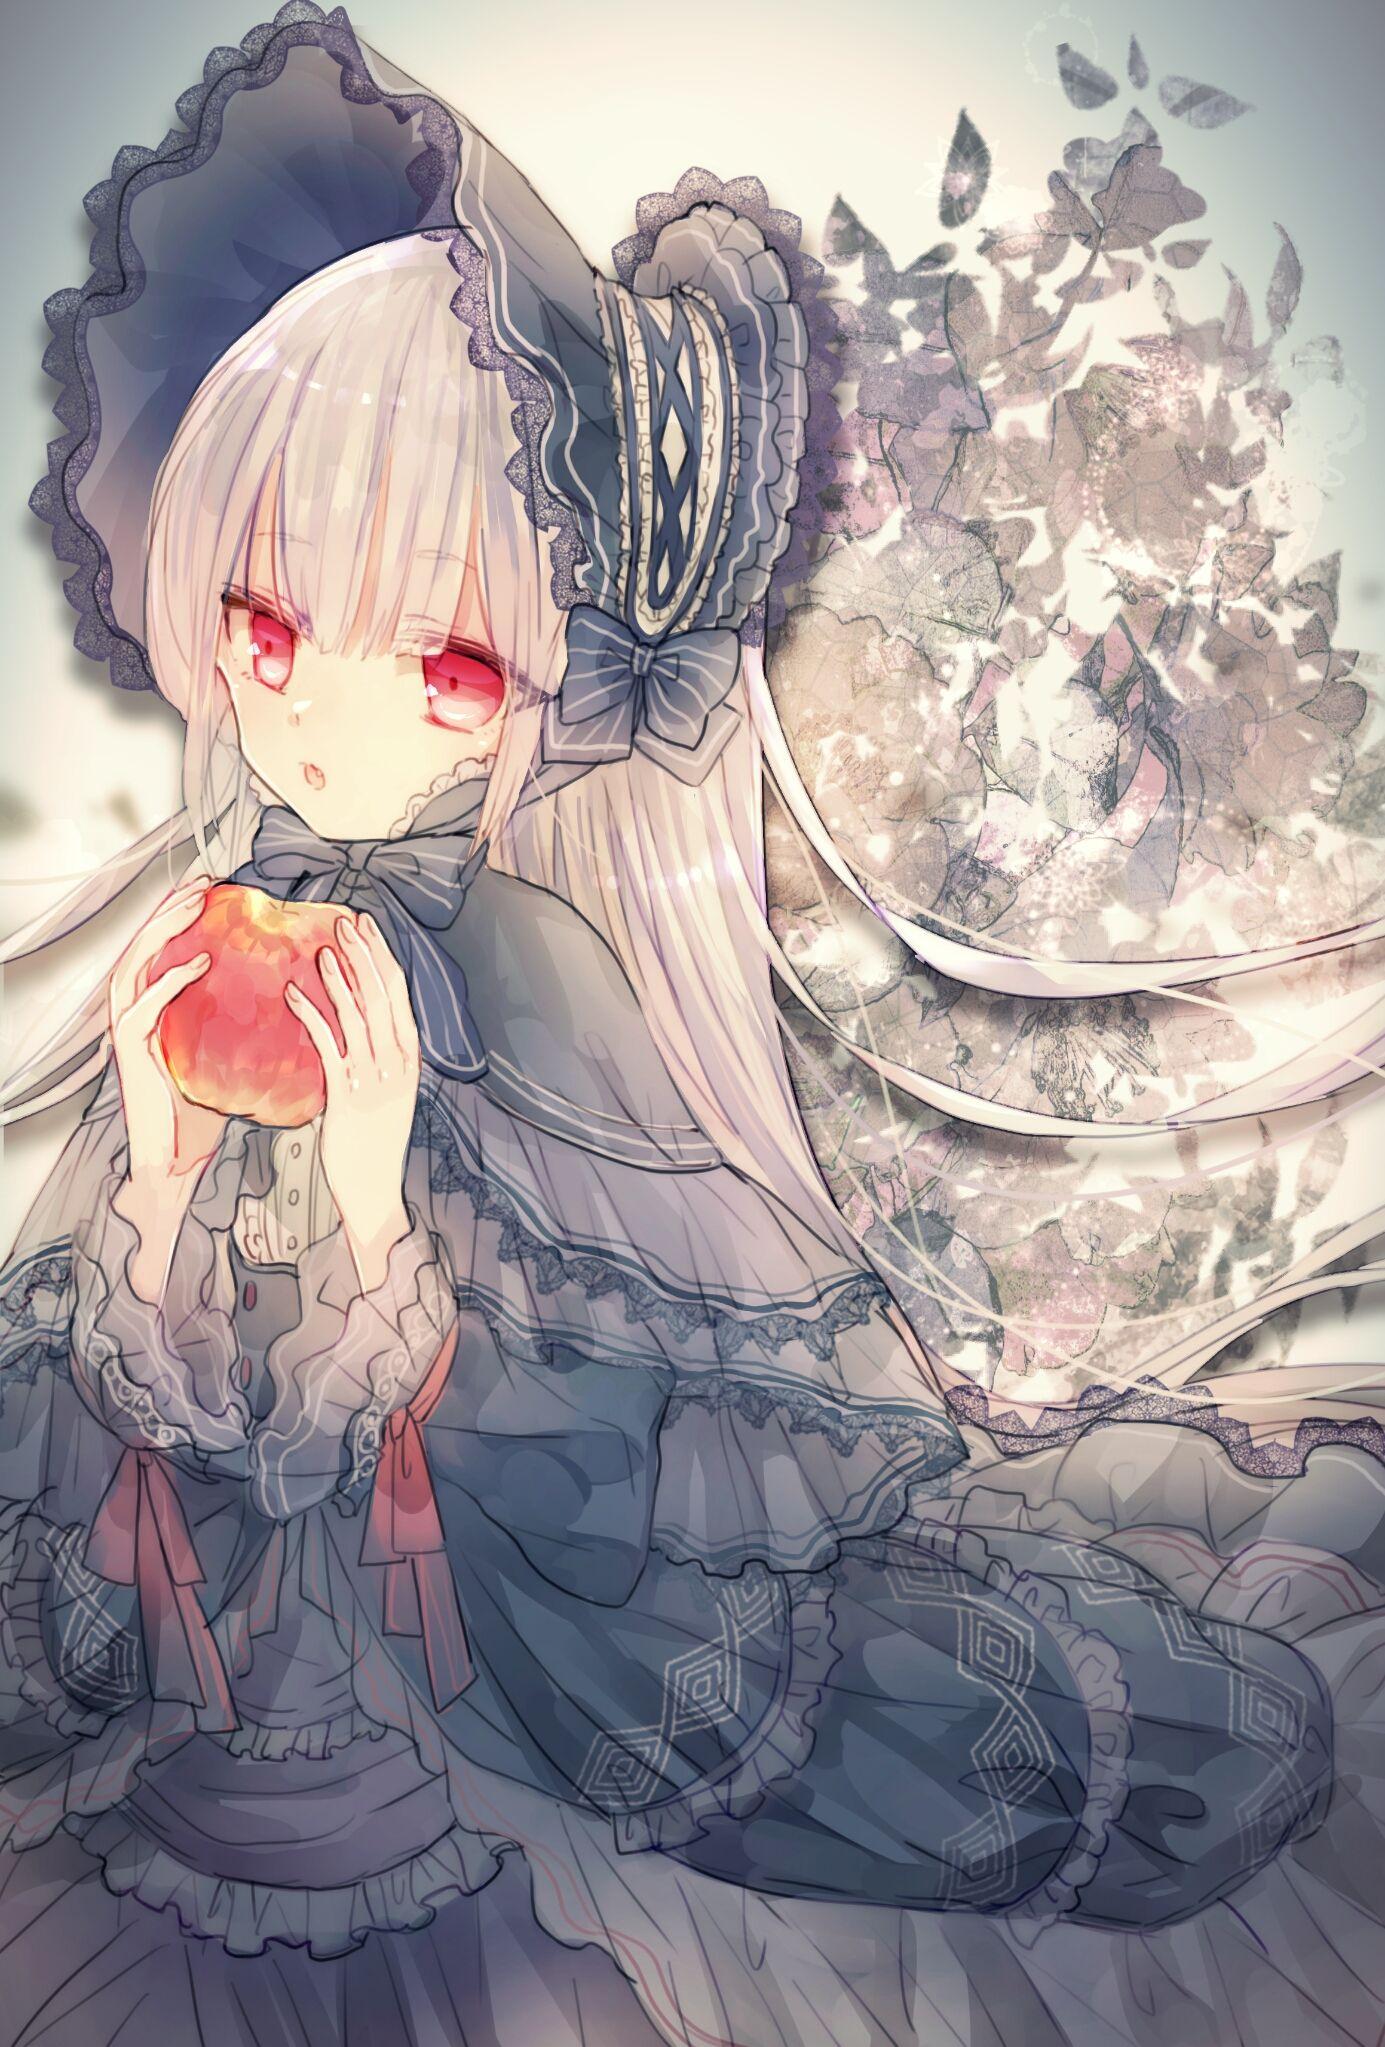 Pin oleh d'apriLiana di ♠ anime